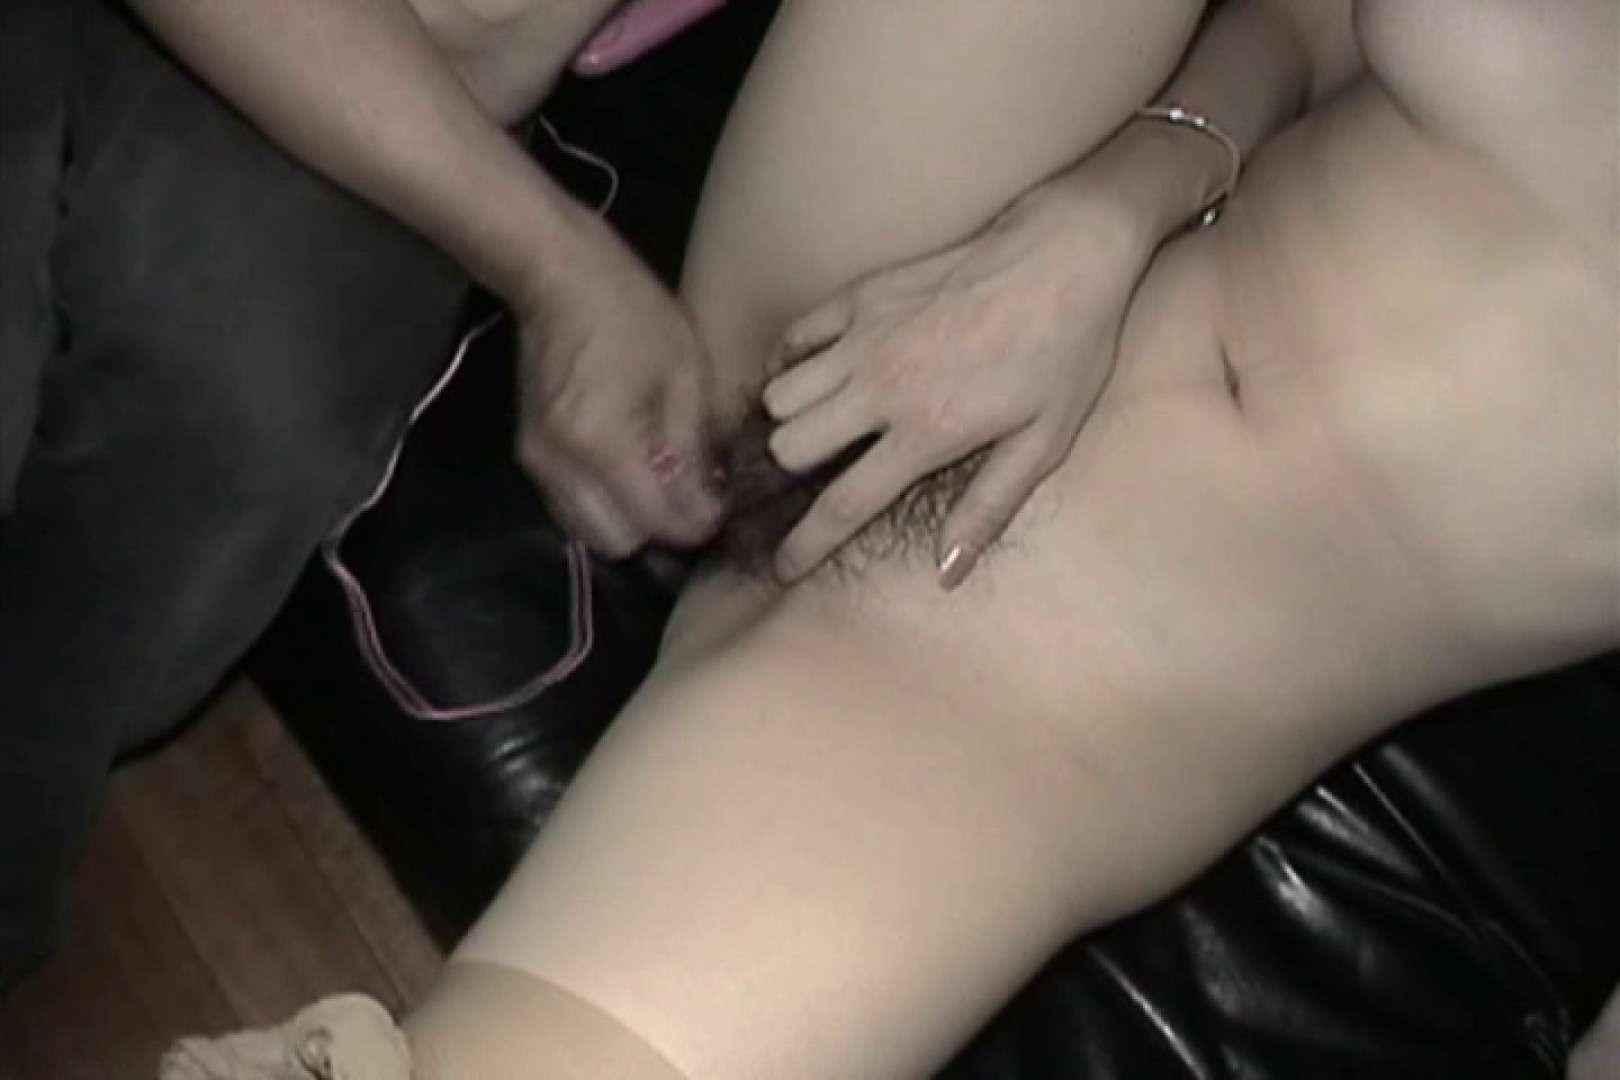 形の良いお椀型の美乳熟女とSEX~川島みさき~ バイブ  106PIX 78